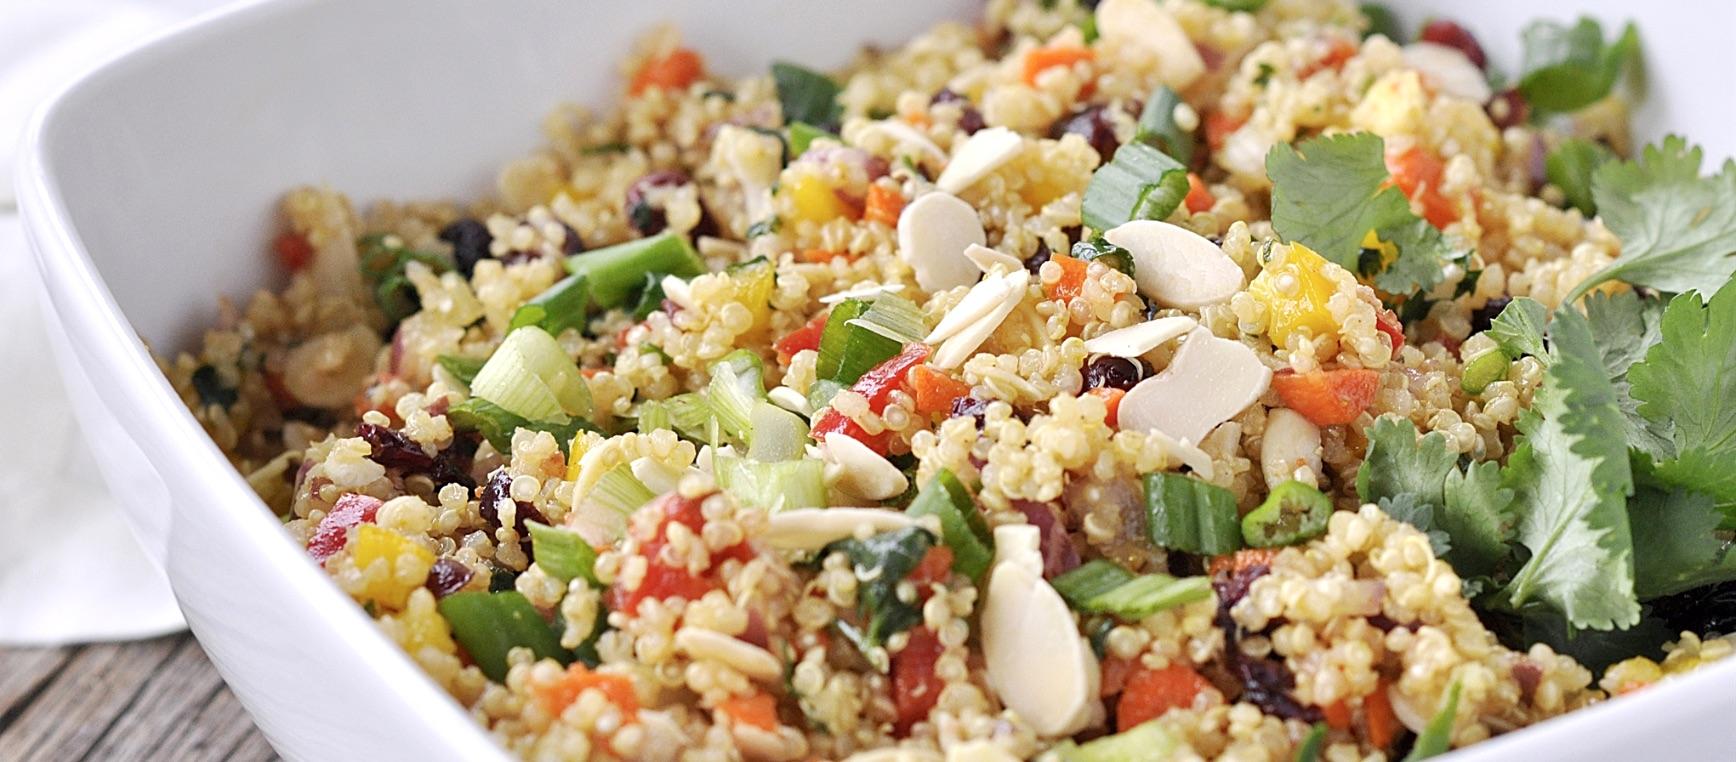 Quinoa salad with cilantro